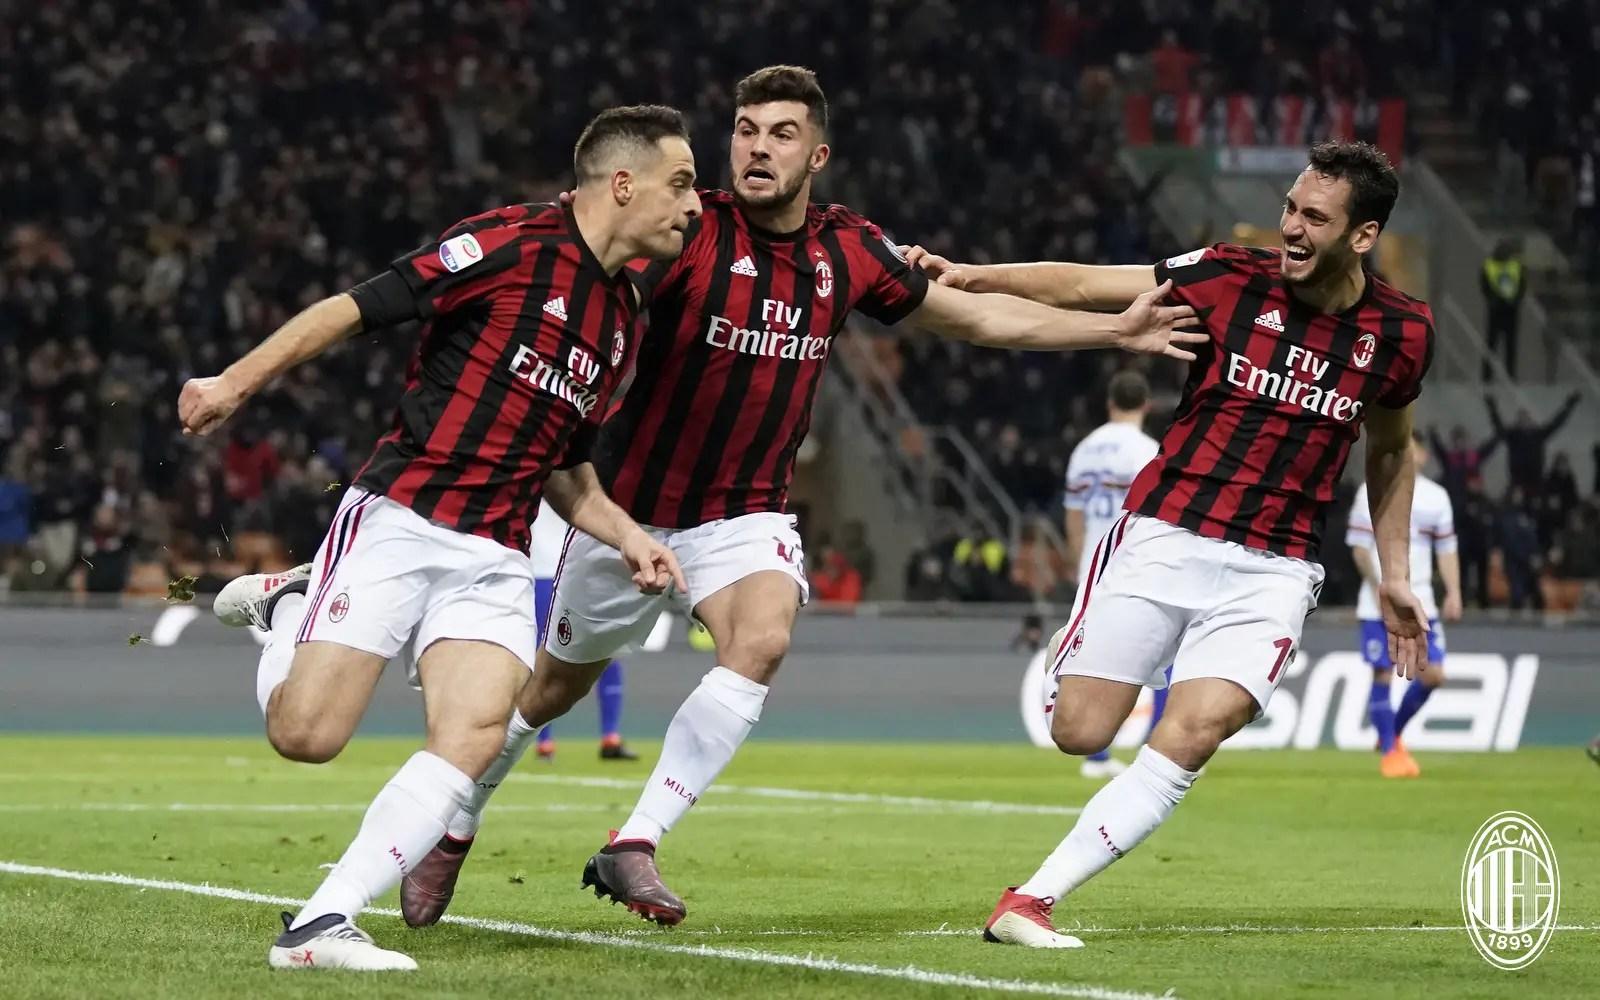 Nhận định F91 Dudelange vs AC Milan: Cuộc chiến không cân sức